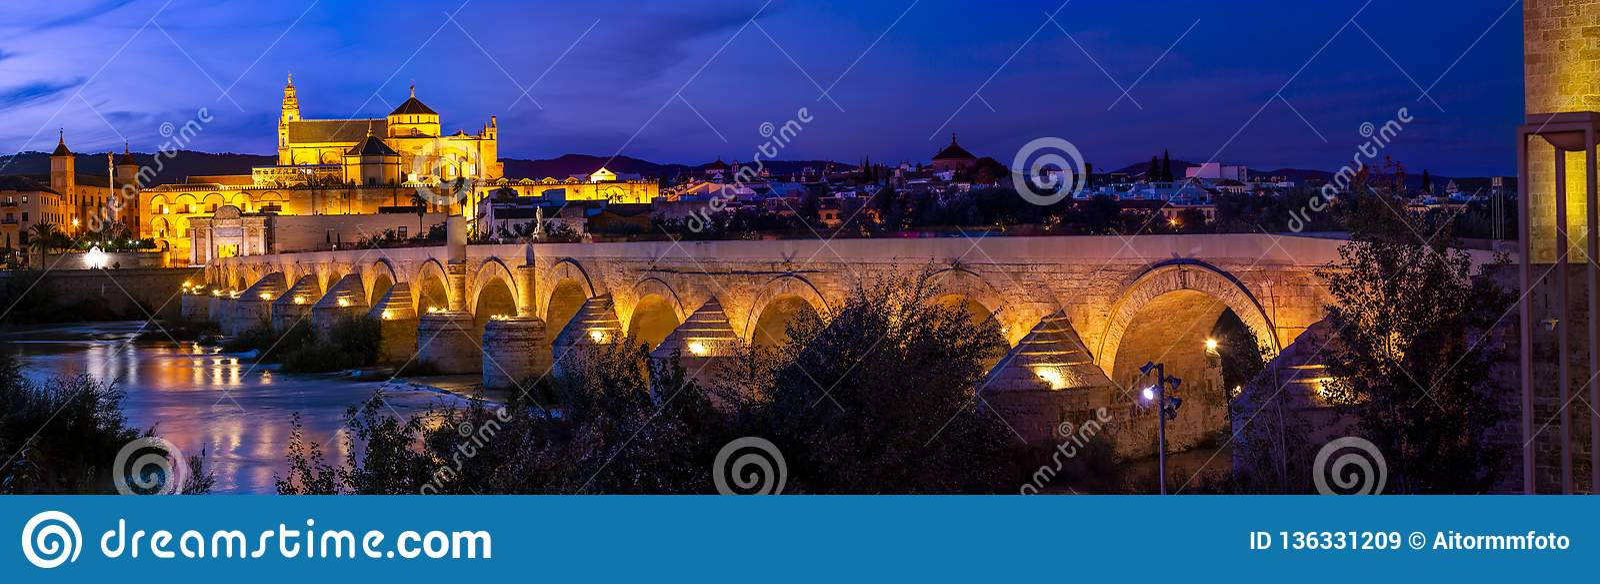 罗马桥梁令人惊讶的发光在夜的科多巴全景和梅斯基塔